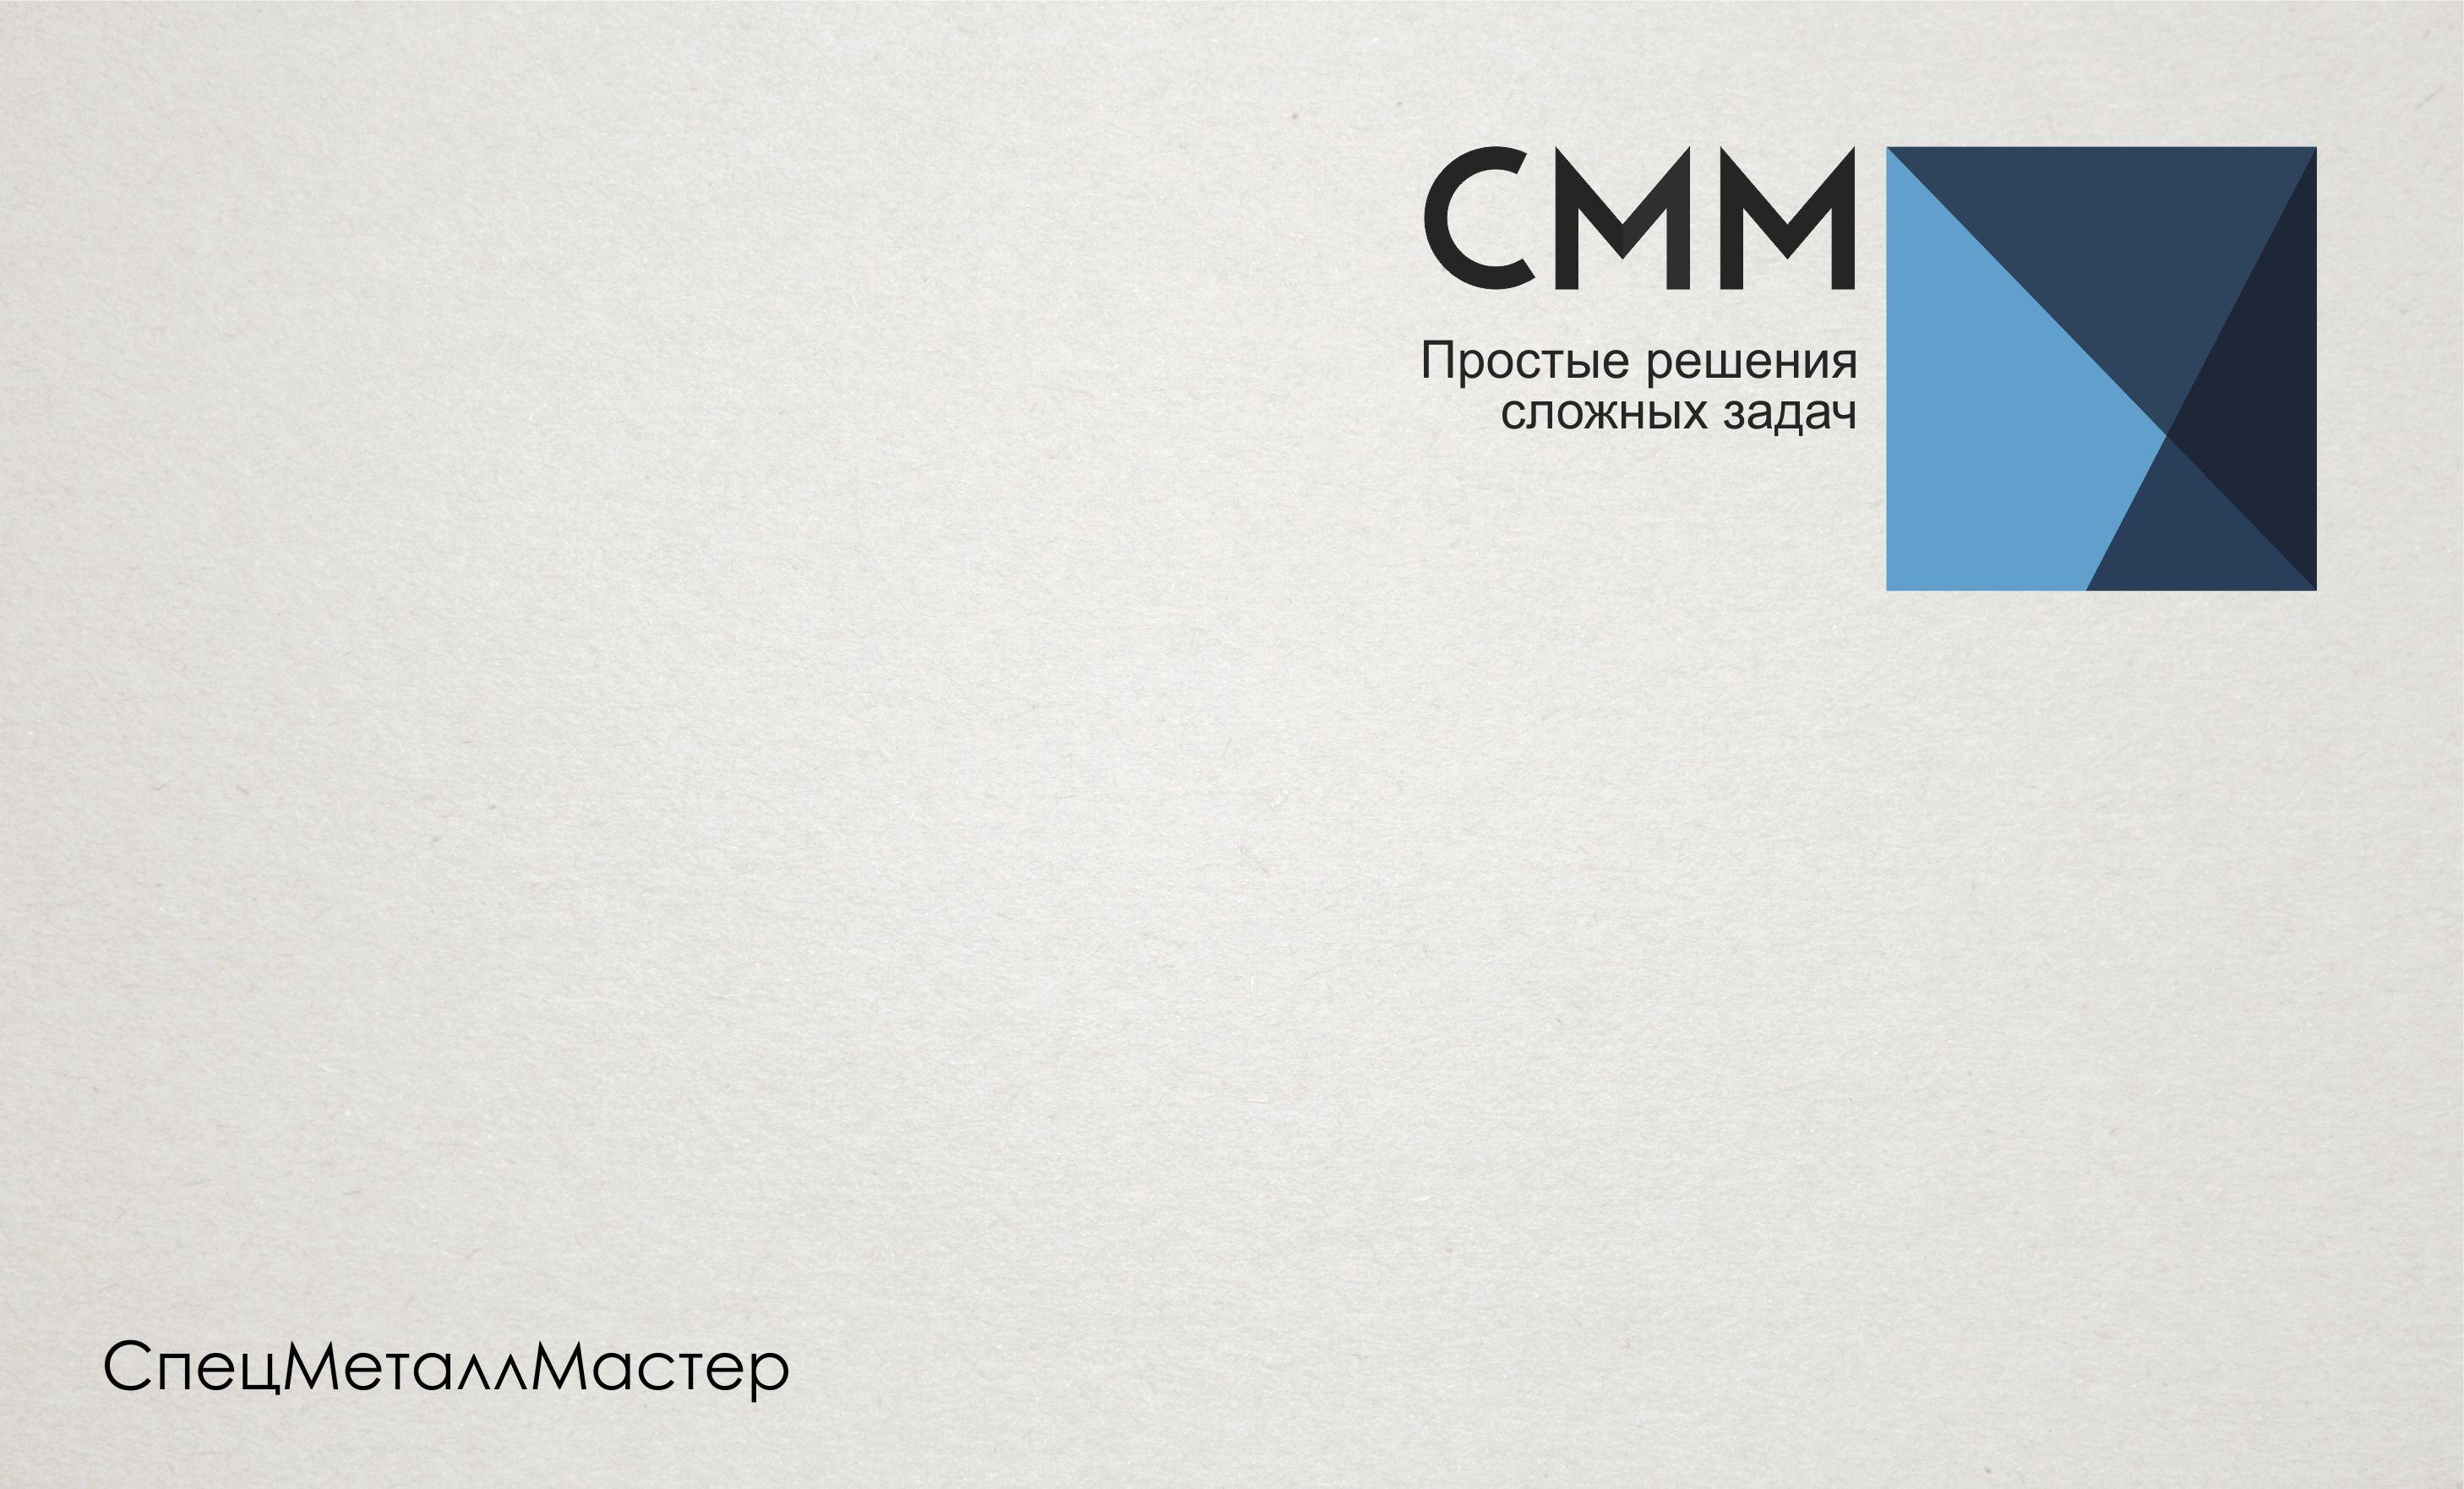 Логотип для металлургической компании - дизайнер Ewgene